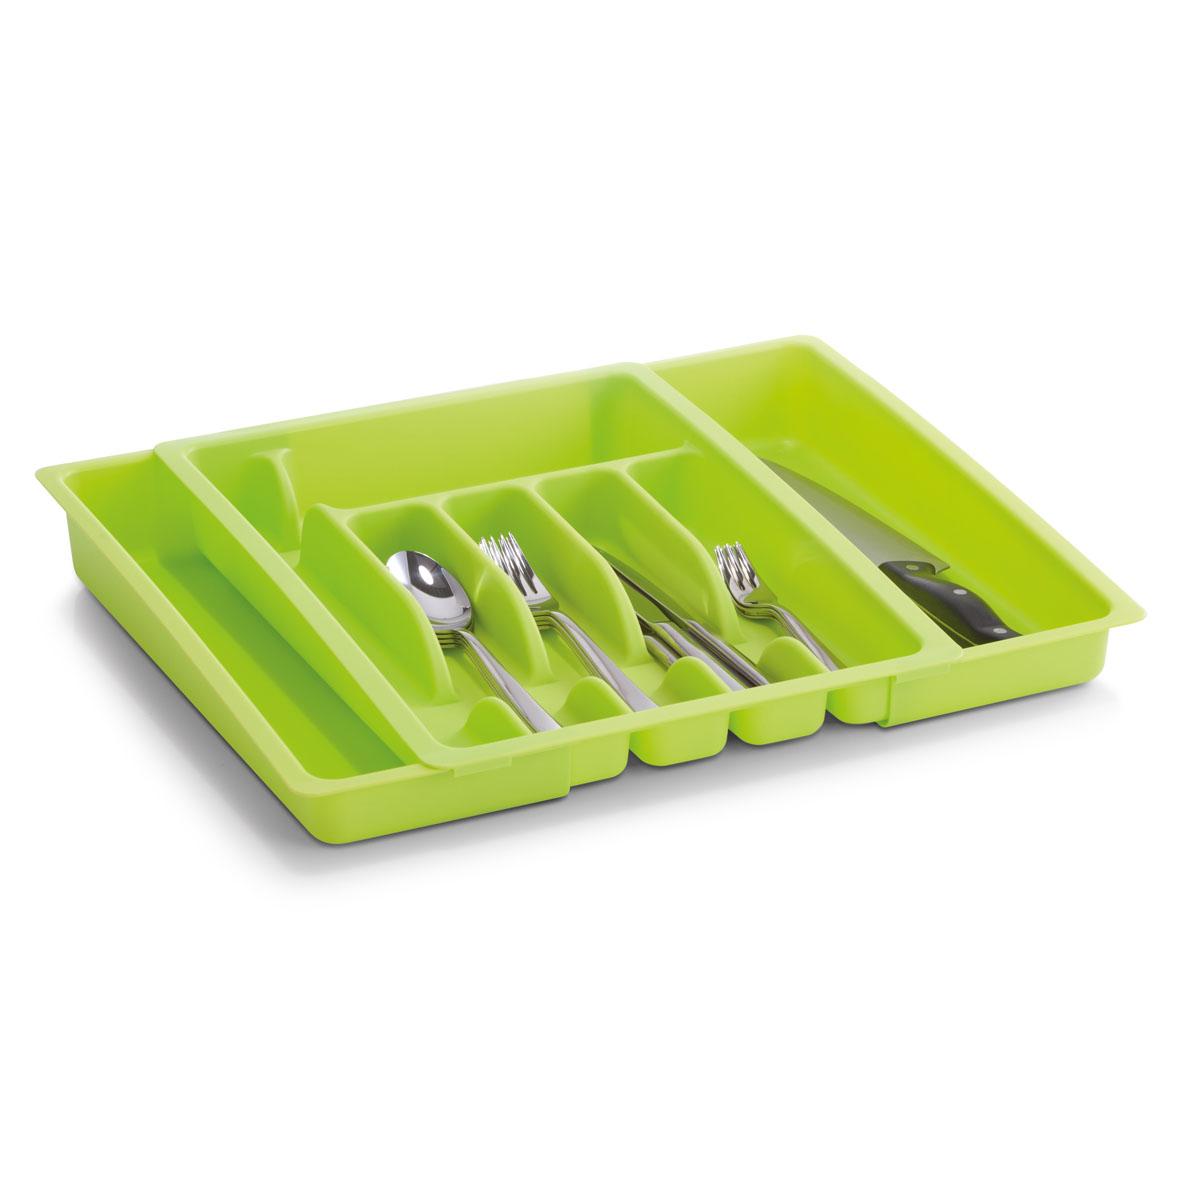 Подставка для столовых приборов Zeller, раздвижная, цвет: зеленый, 28-48 х 38 х 6,5 см24884Подставка для столовых приборов Zeller изготовлена из высококачественного прочного пластика. Изделие имеет 4 средних секции для хранения ложек, вилок и ножей, маленькую широкую и длинную узкую секции - для различных кухонных принадлежностей. Подставка регулируется по длине, что позволяет установить ее в любые кухонные ящики, при этом появляется дополнительная секция для хранения.